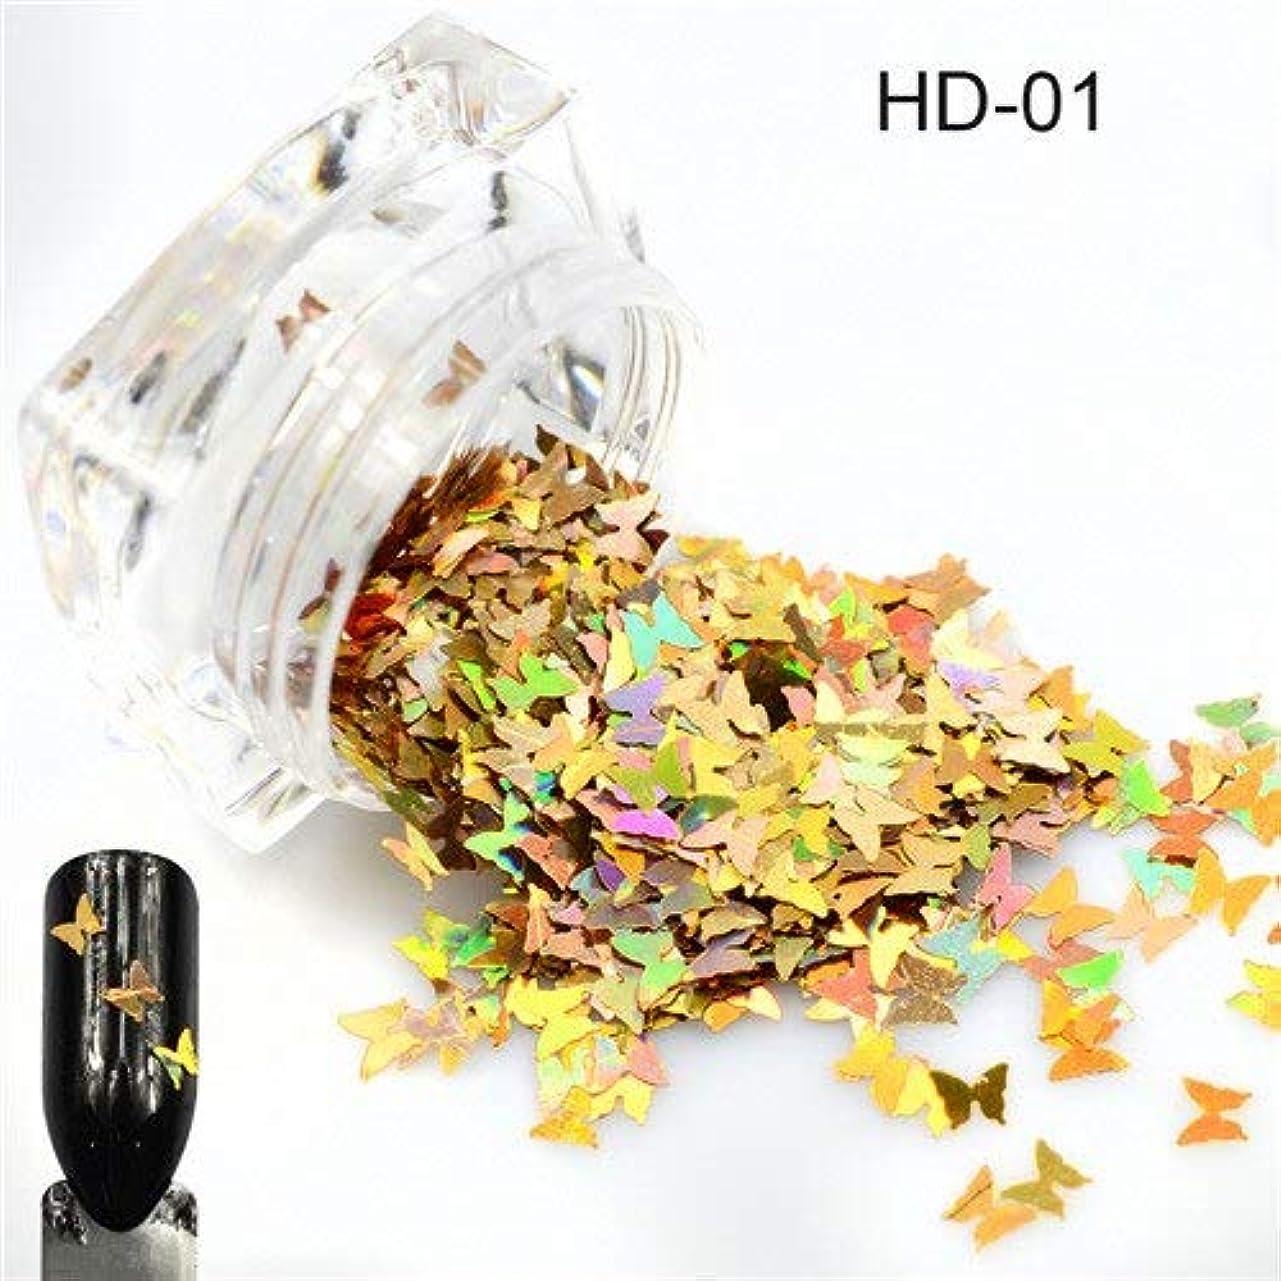 報奨金地上の専門化する1ピース新しい爪輝く蝶の形ミックス色美容ジェルネイルアートチャームミニpailletteの小型スパンコールの装飾SAHD01-05 HD01